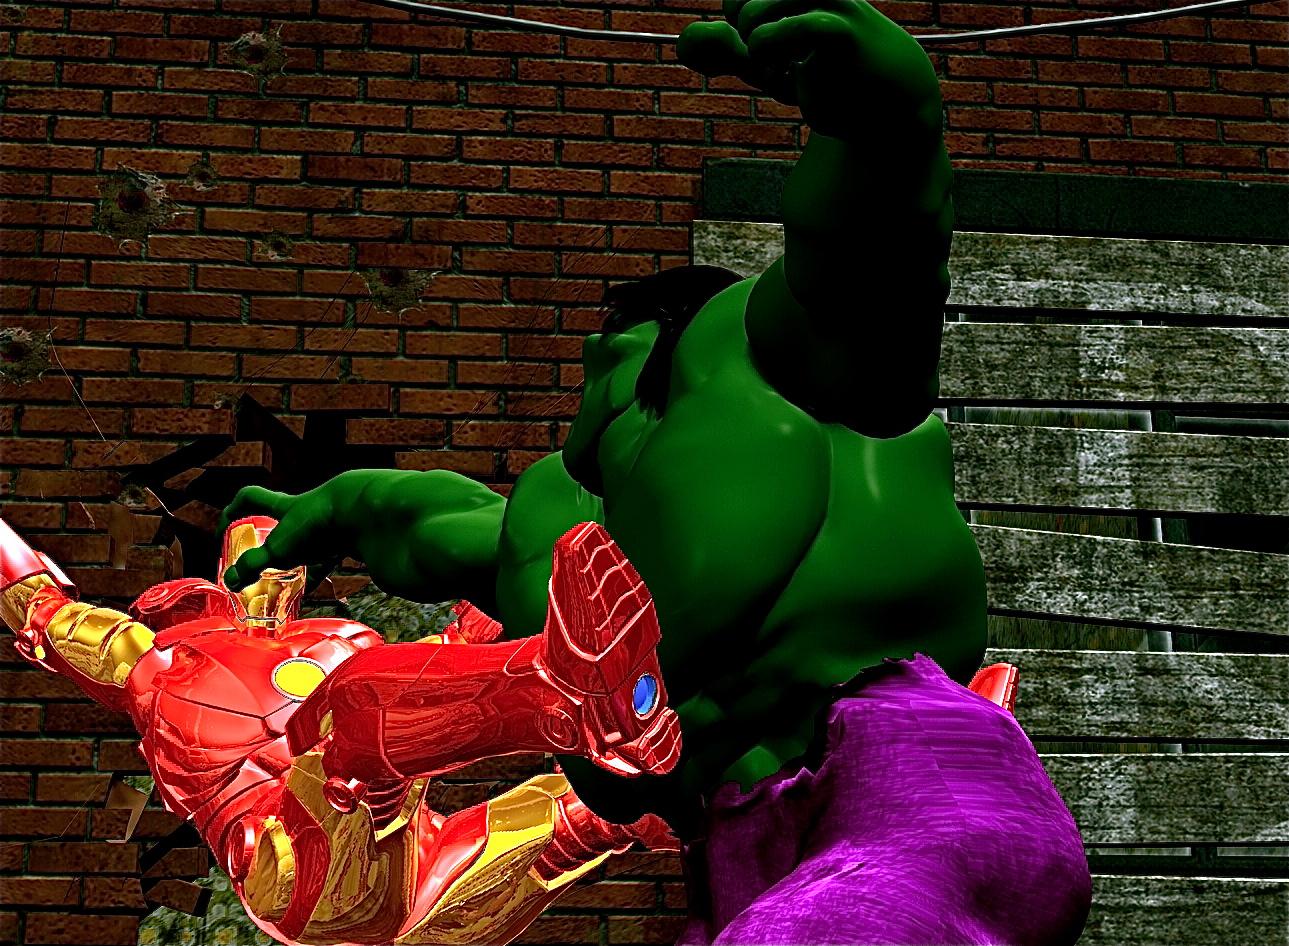 Hulk Smash Shellhead